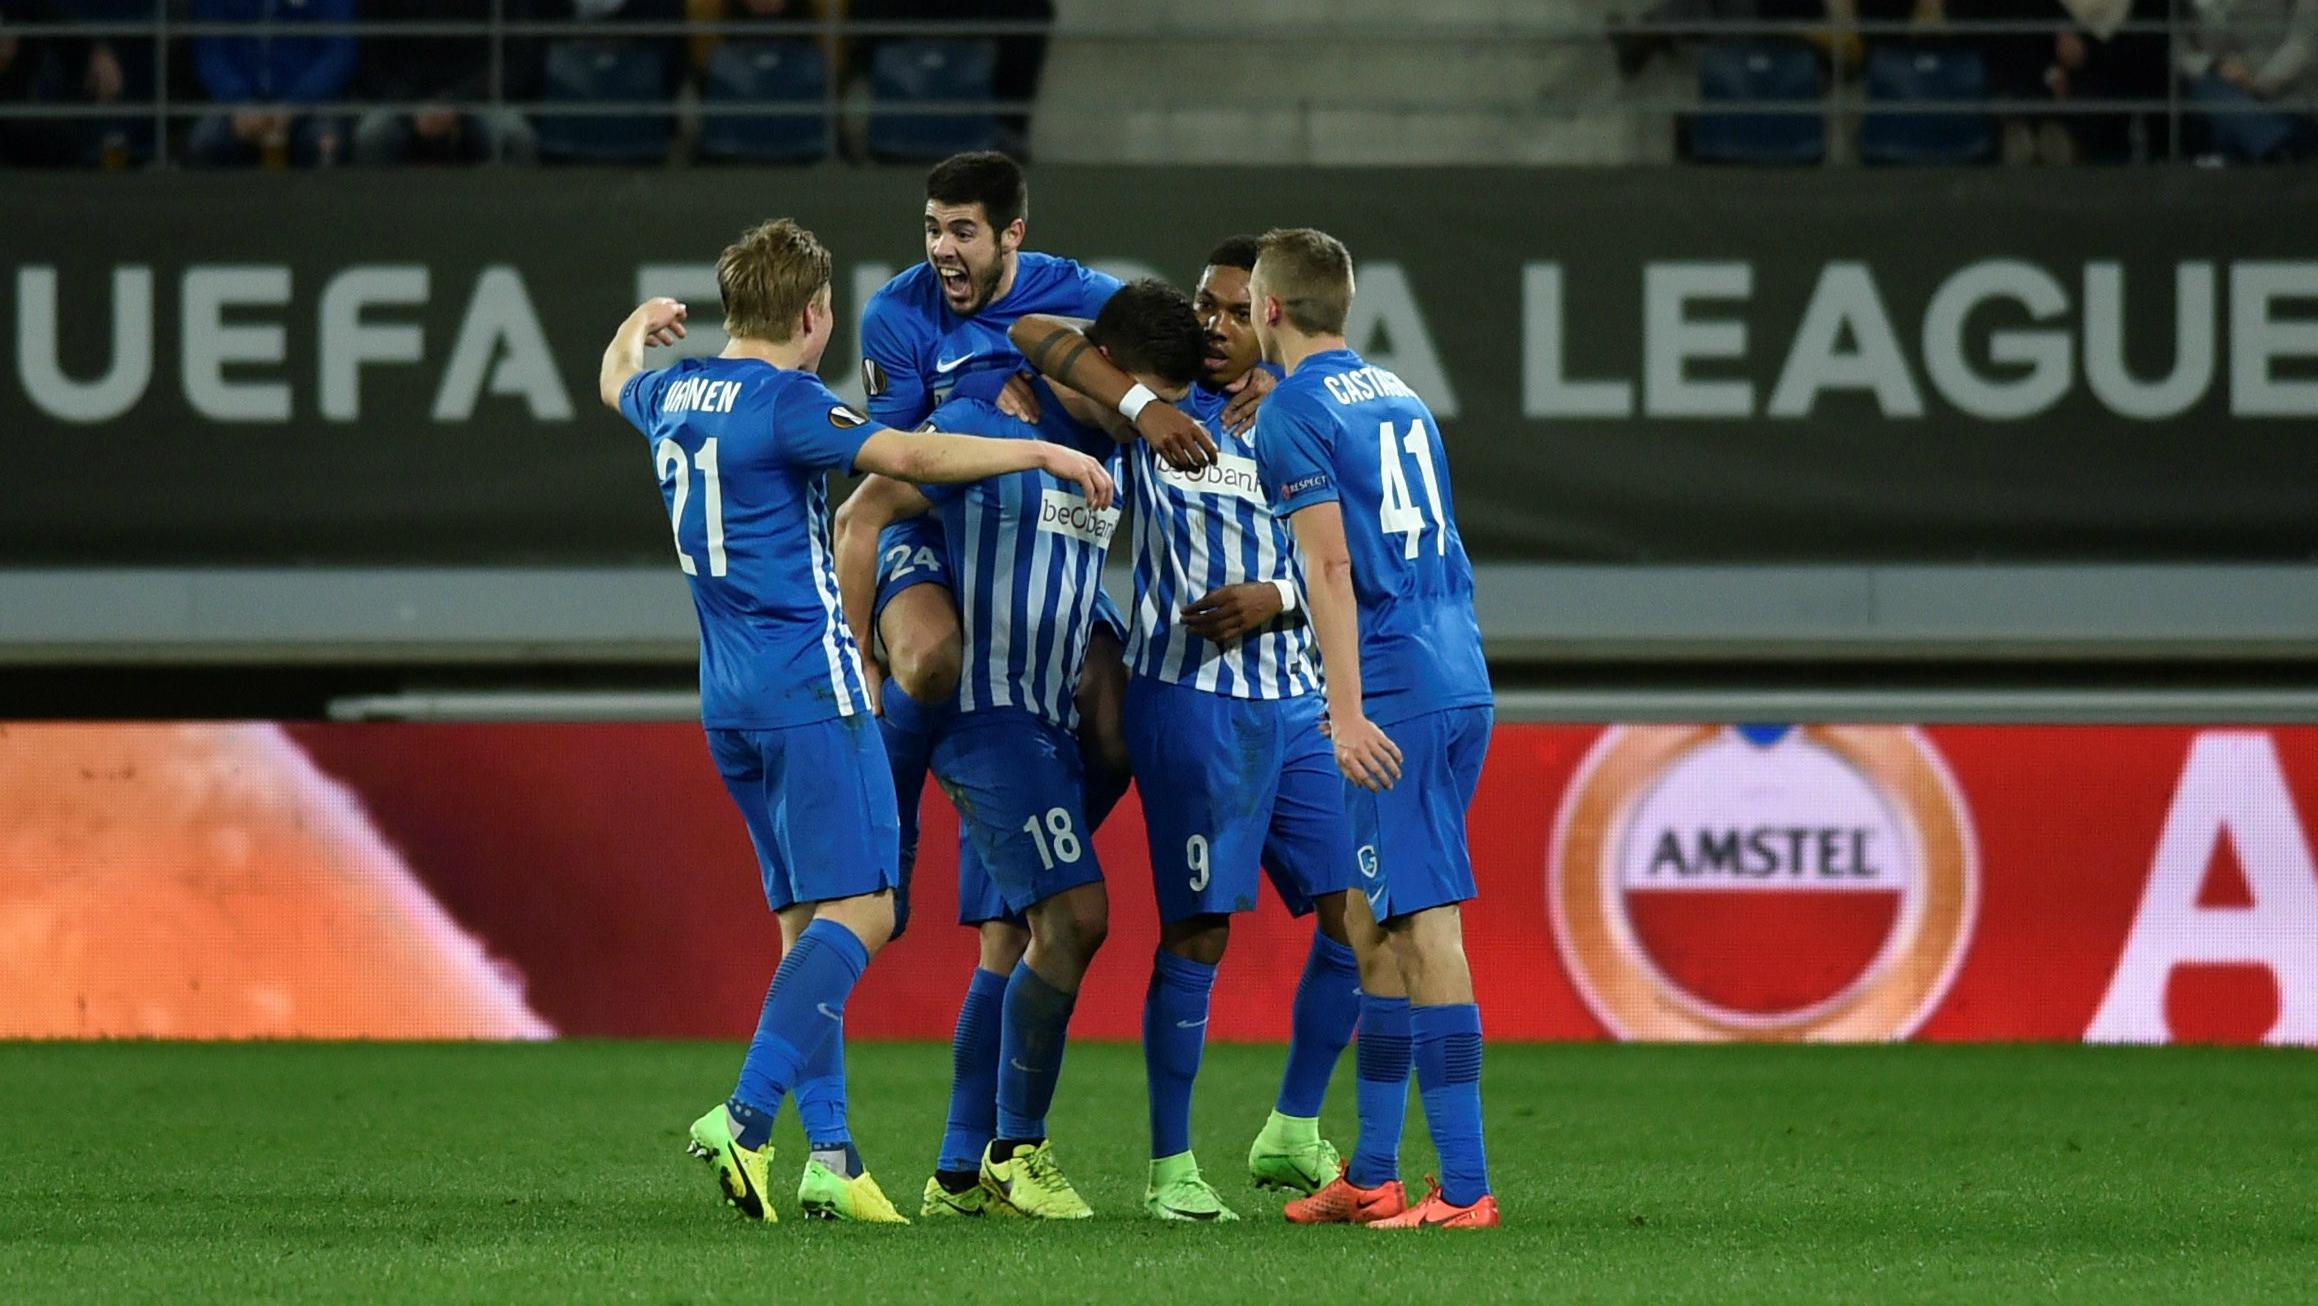 Besiktas goleia Olympiacos apesar de jogar 51 minutos com menos um jogador